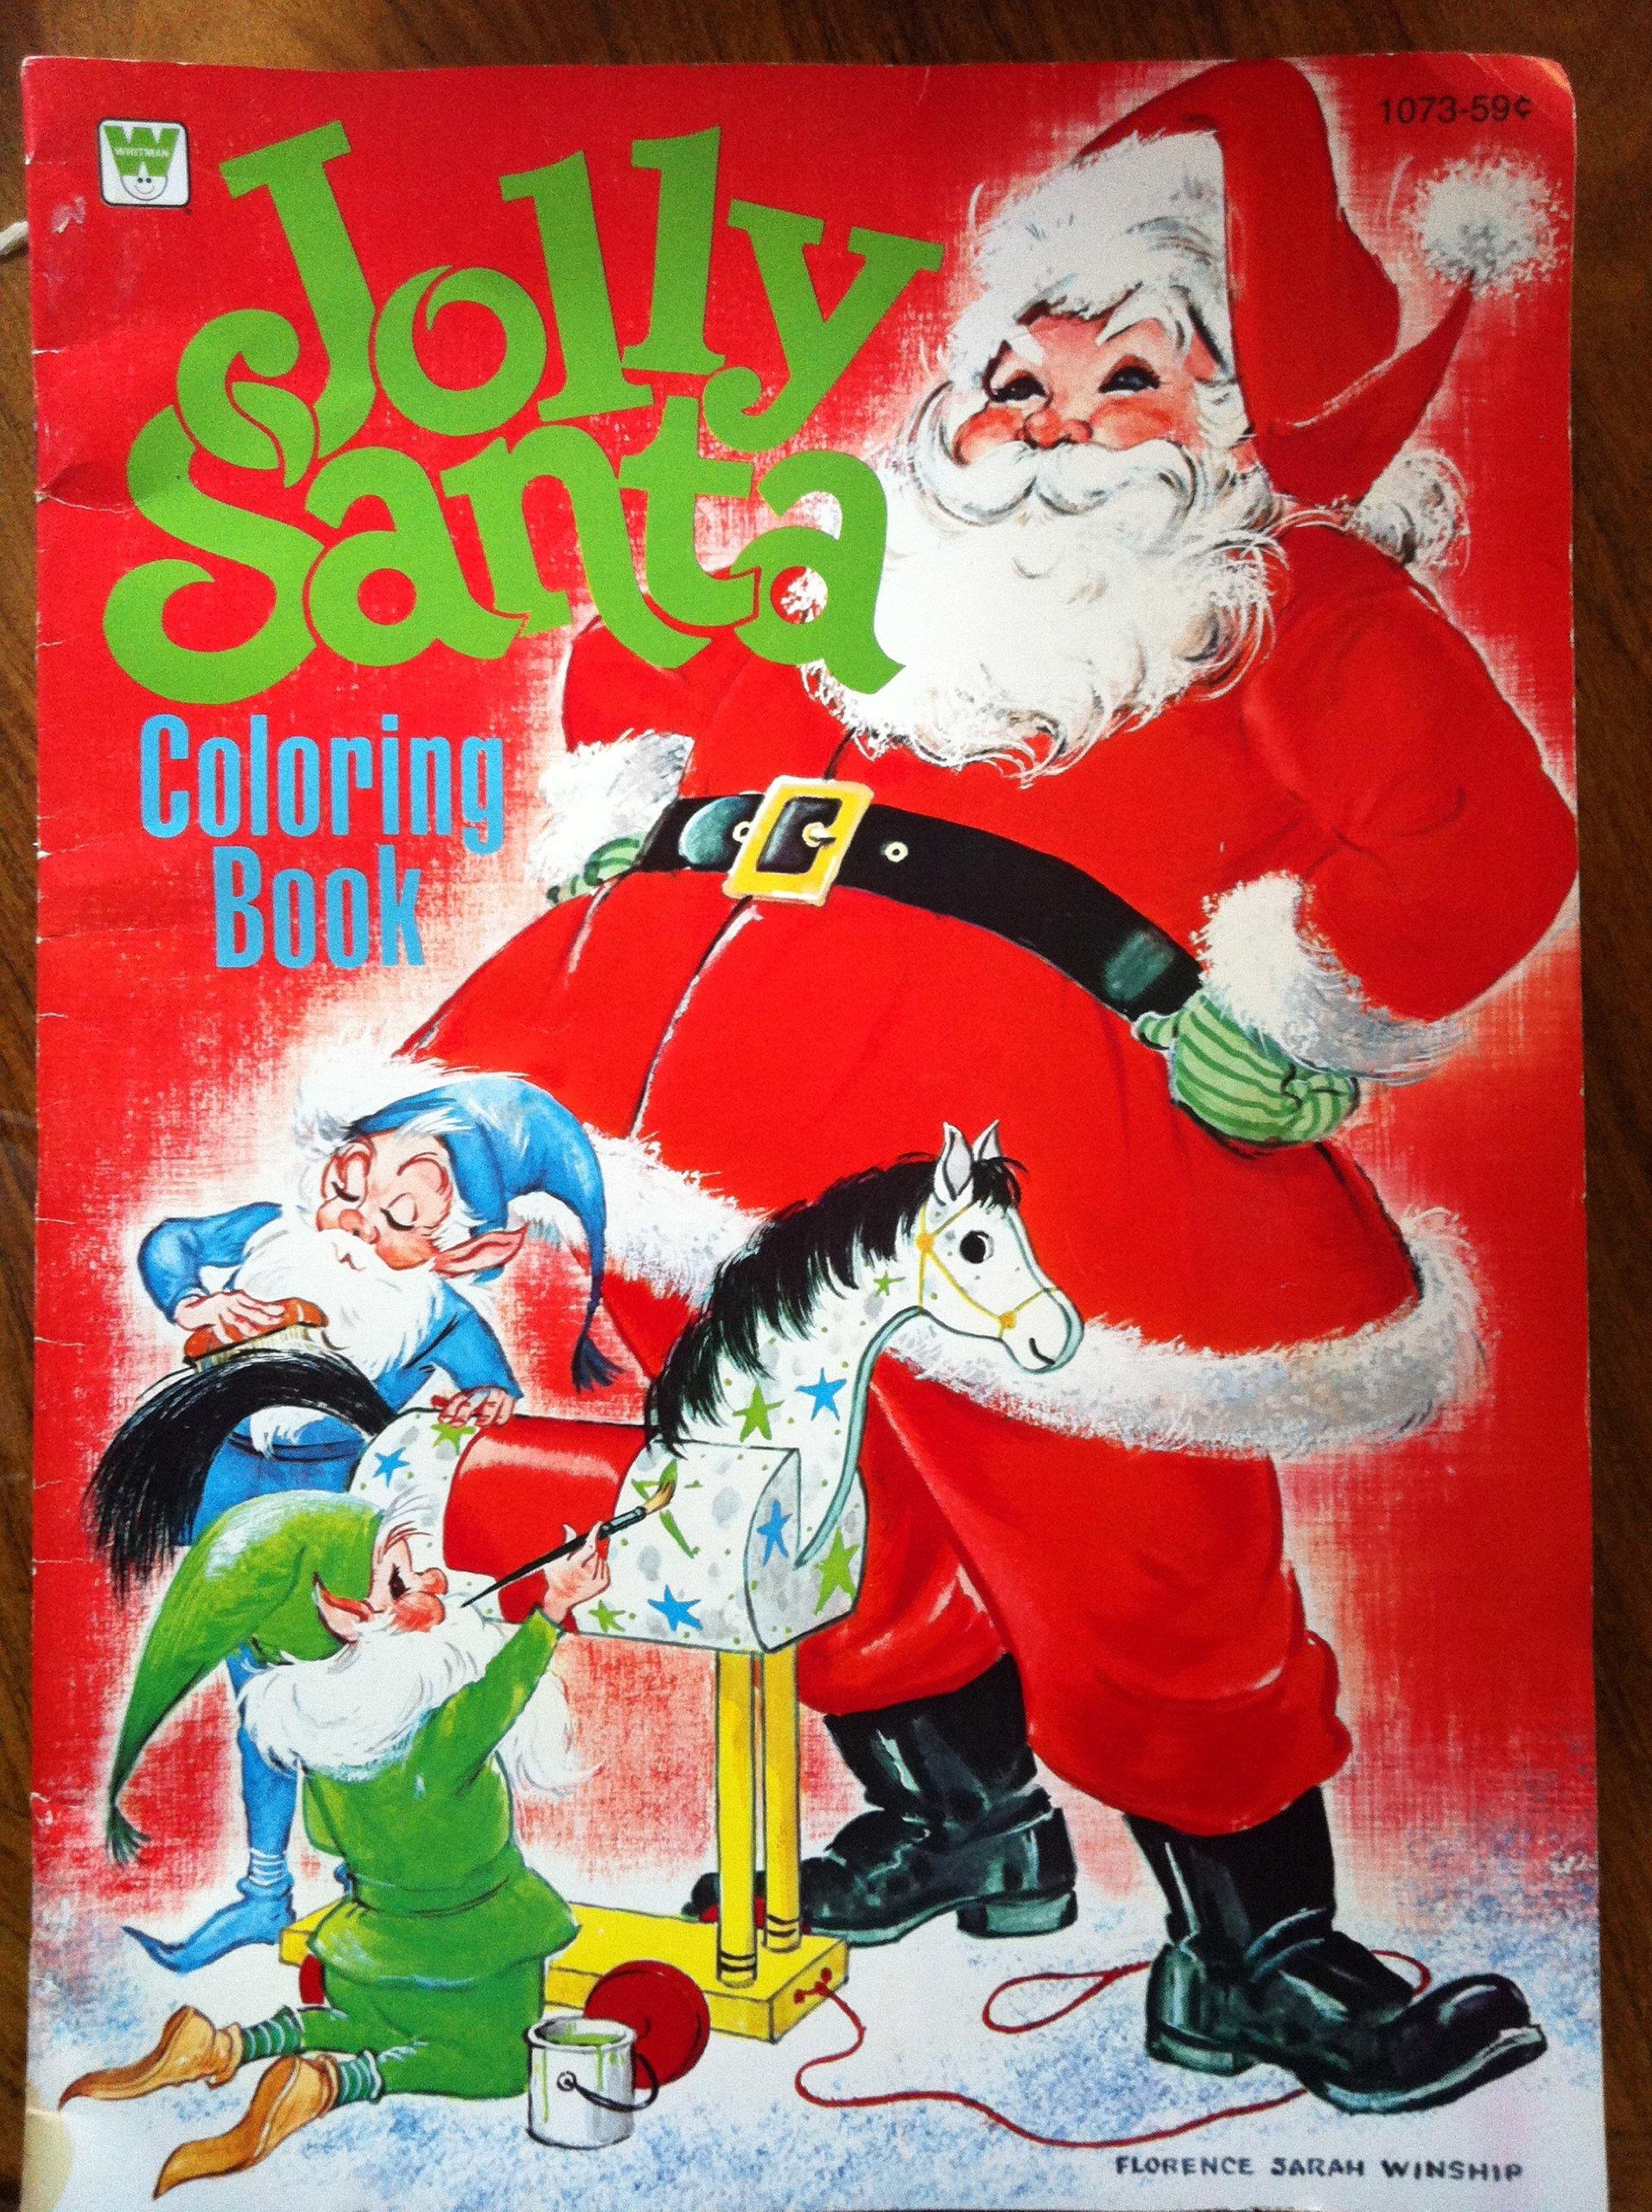 Jolly Santa Coloring Book (A Whitman Book - 1073): A Whitman Book ...